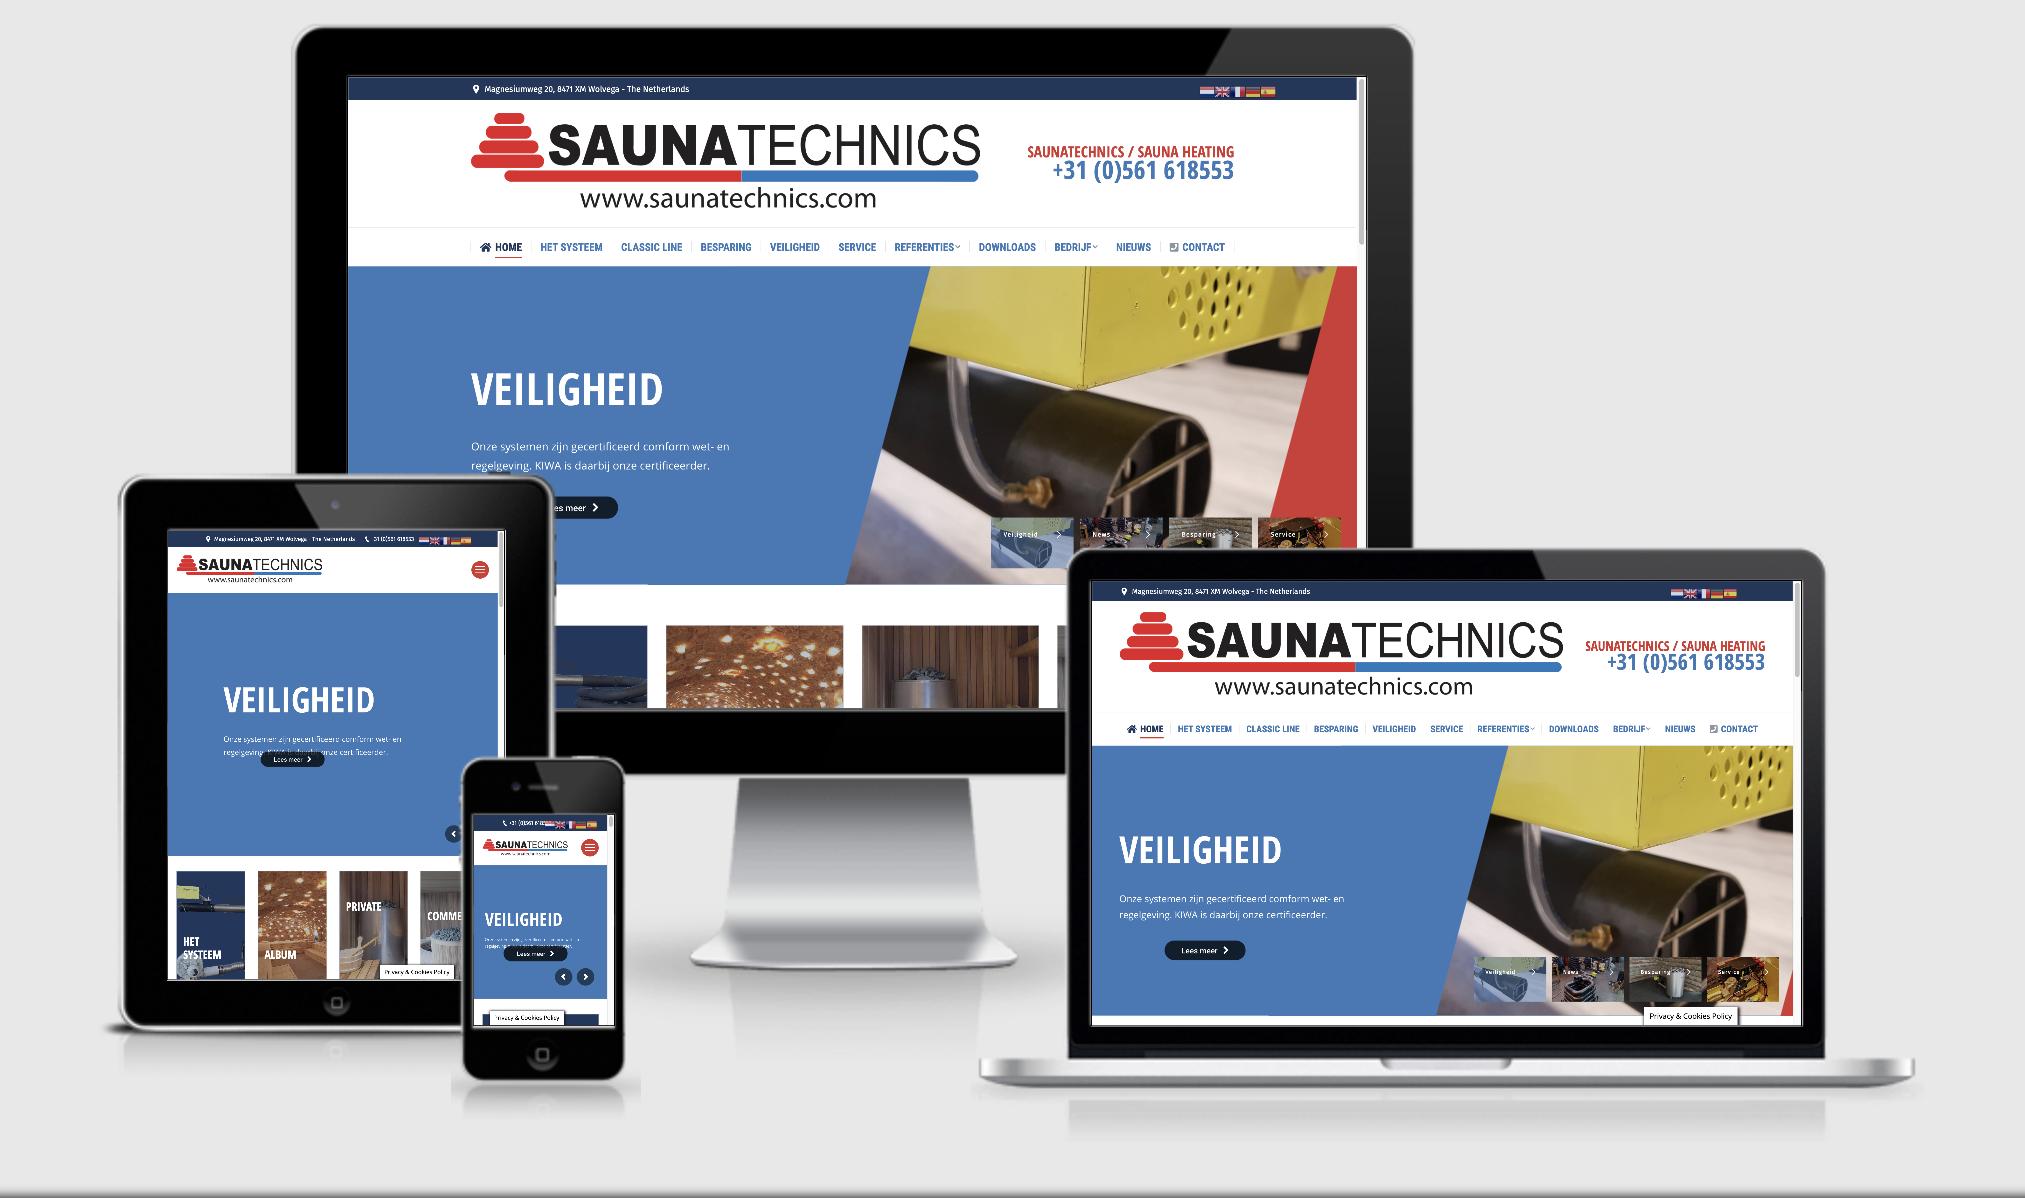 sauna-technics